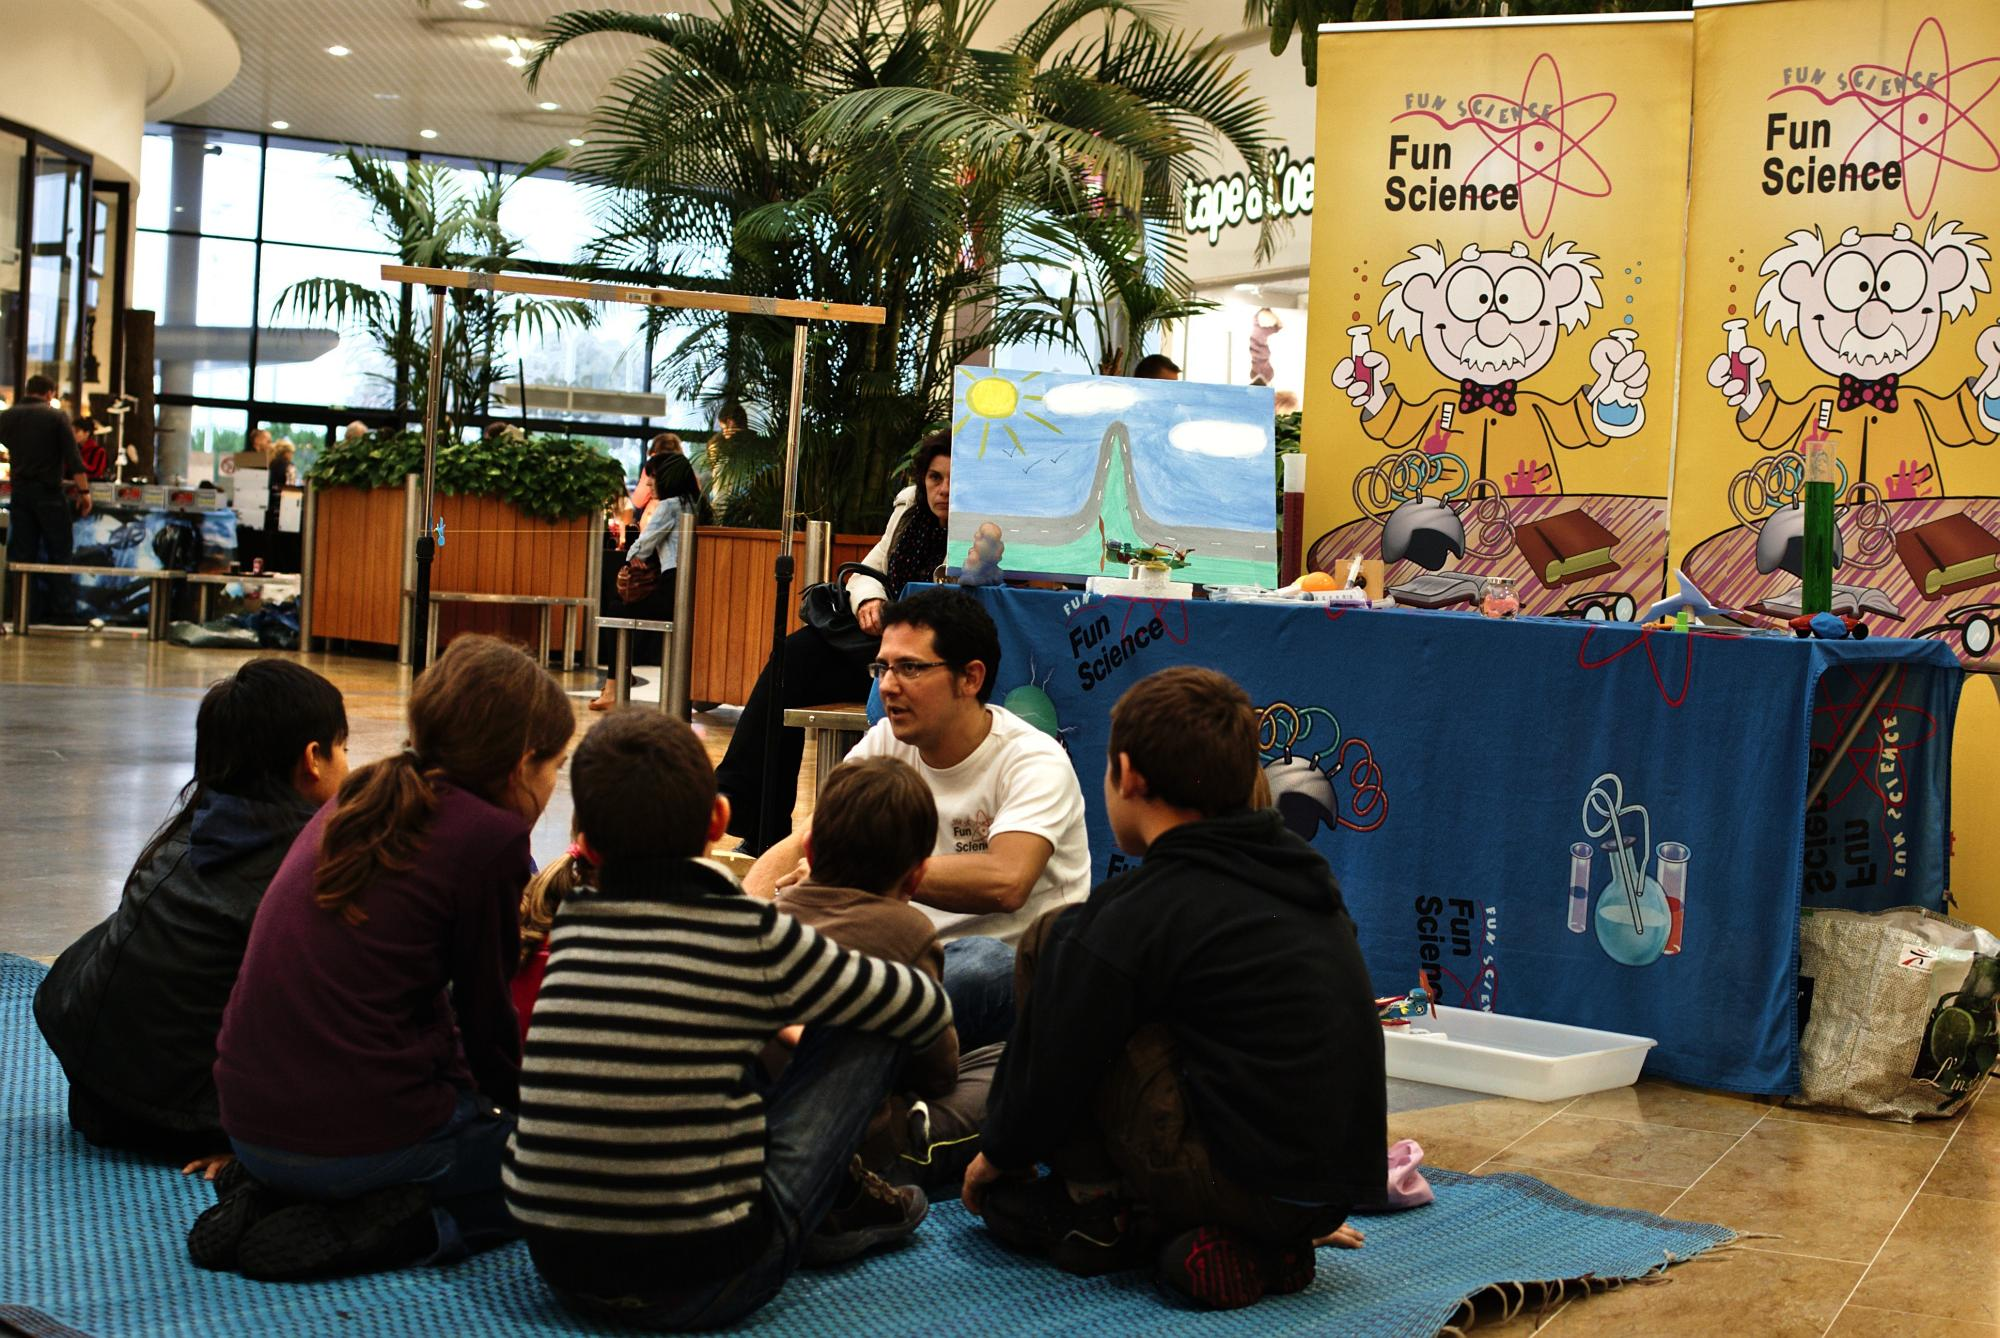 Groupe d'enfants dans un atelier éducatif dans un centre commercial